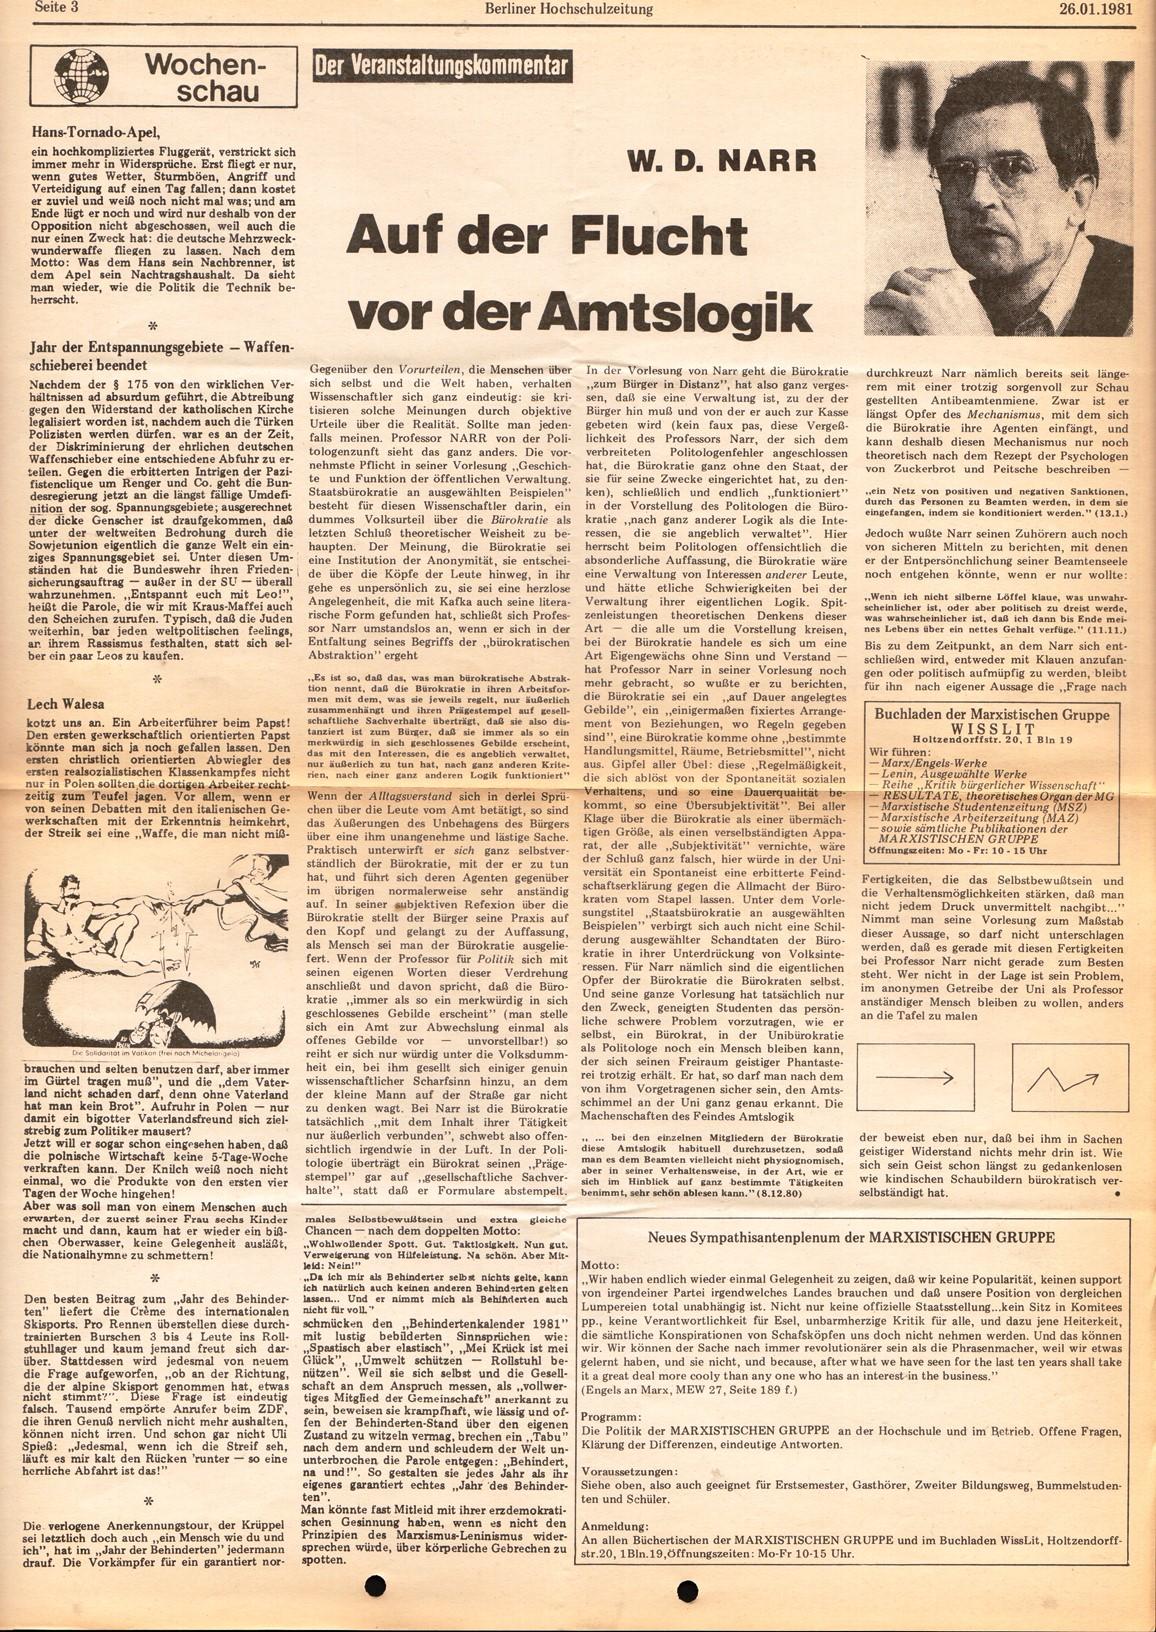 Berlin_MG_Hochschulzeitung_19810126_03